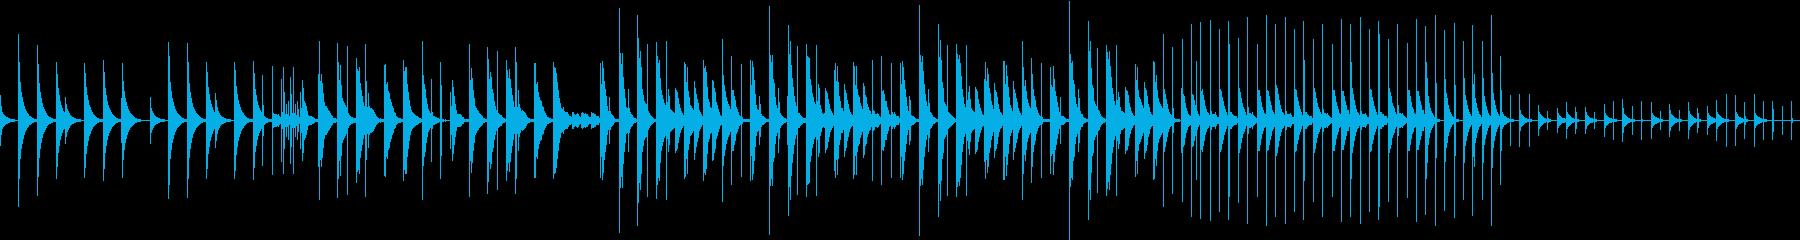 ステレオL Rで楽しめるリズムループの再生済みの波形